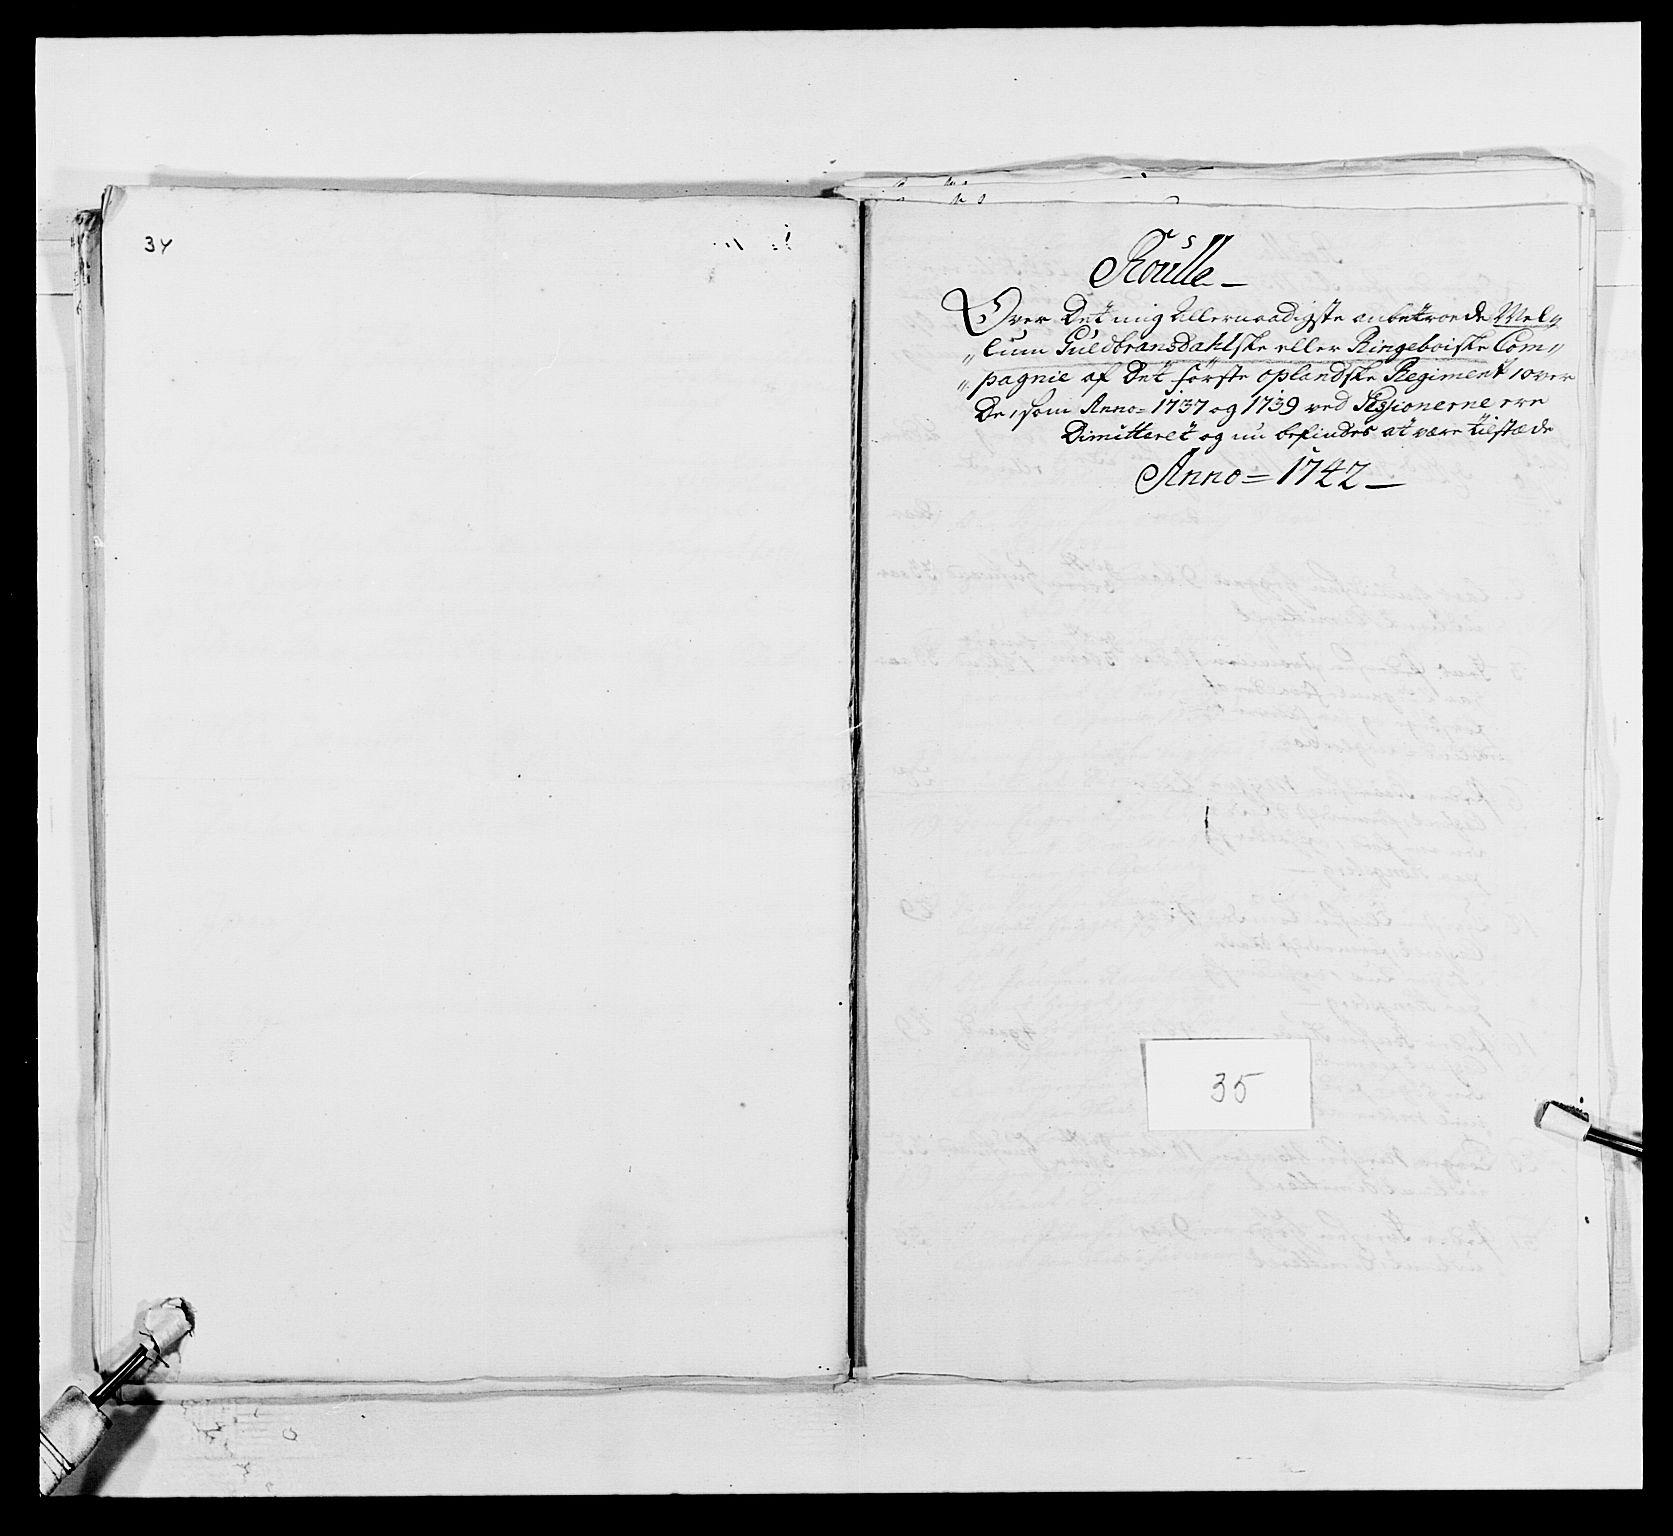 RA, Kommanderende general (KG I) med Det norske krigsdirektorium, E/Ea/L0502: 1. Opplandske regiment, 1720-1743, s. 463